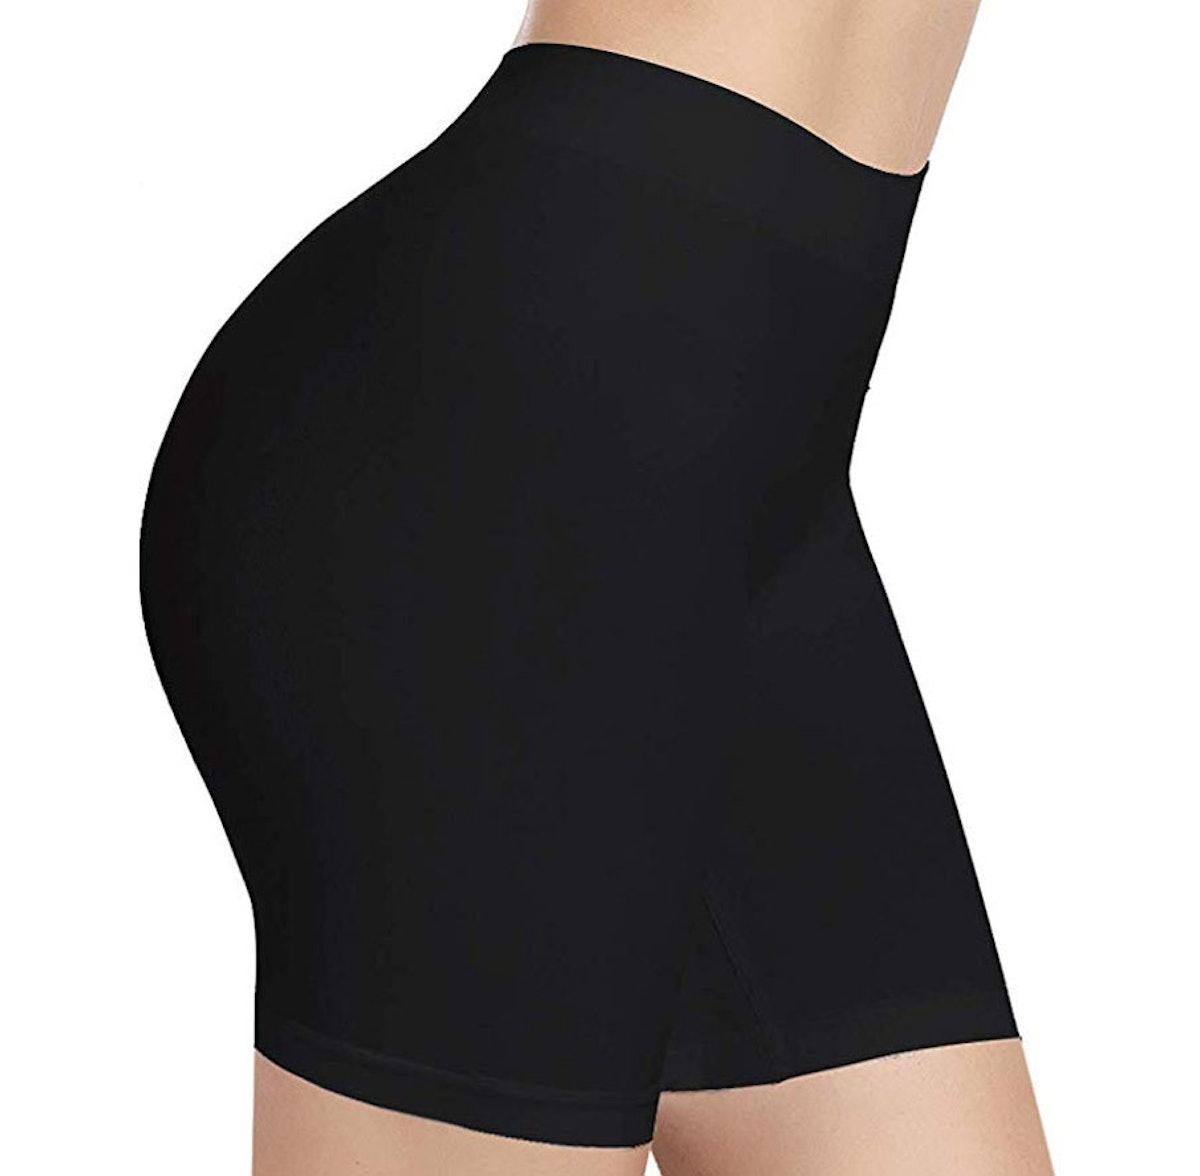 BESTENA Women's Seamless Slip Shorts For Under Dresses